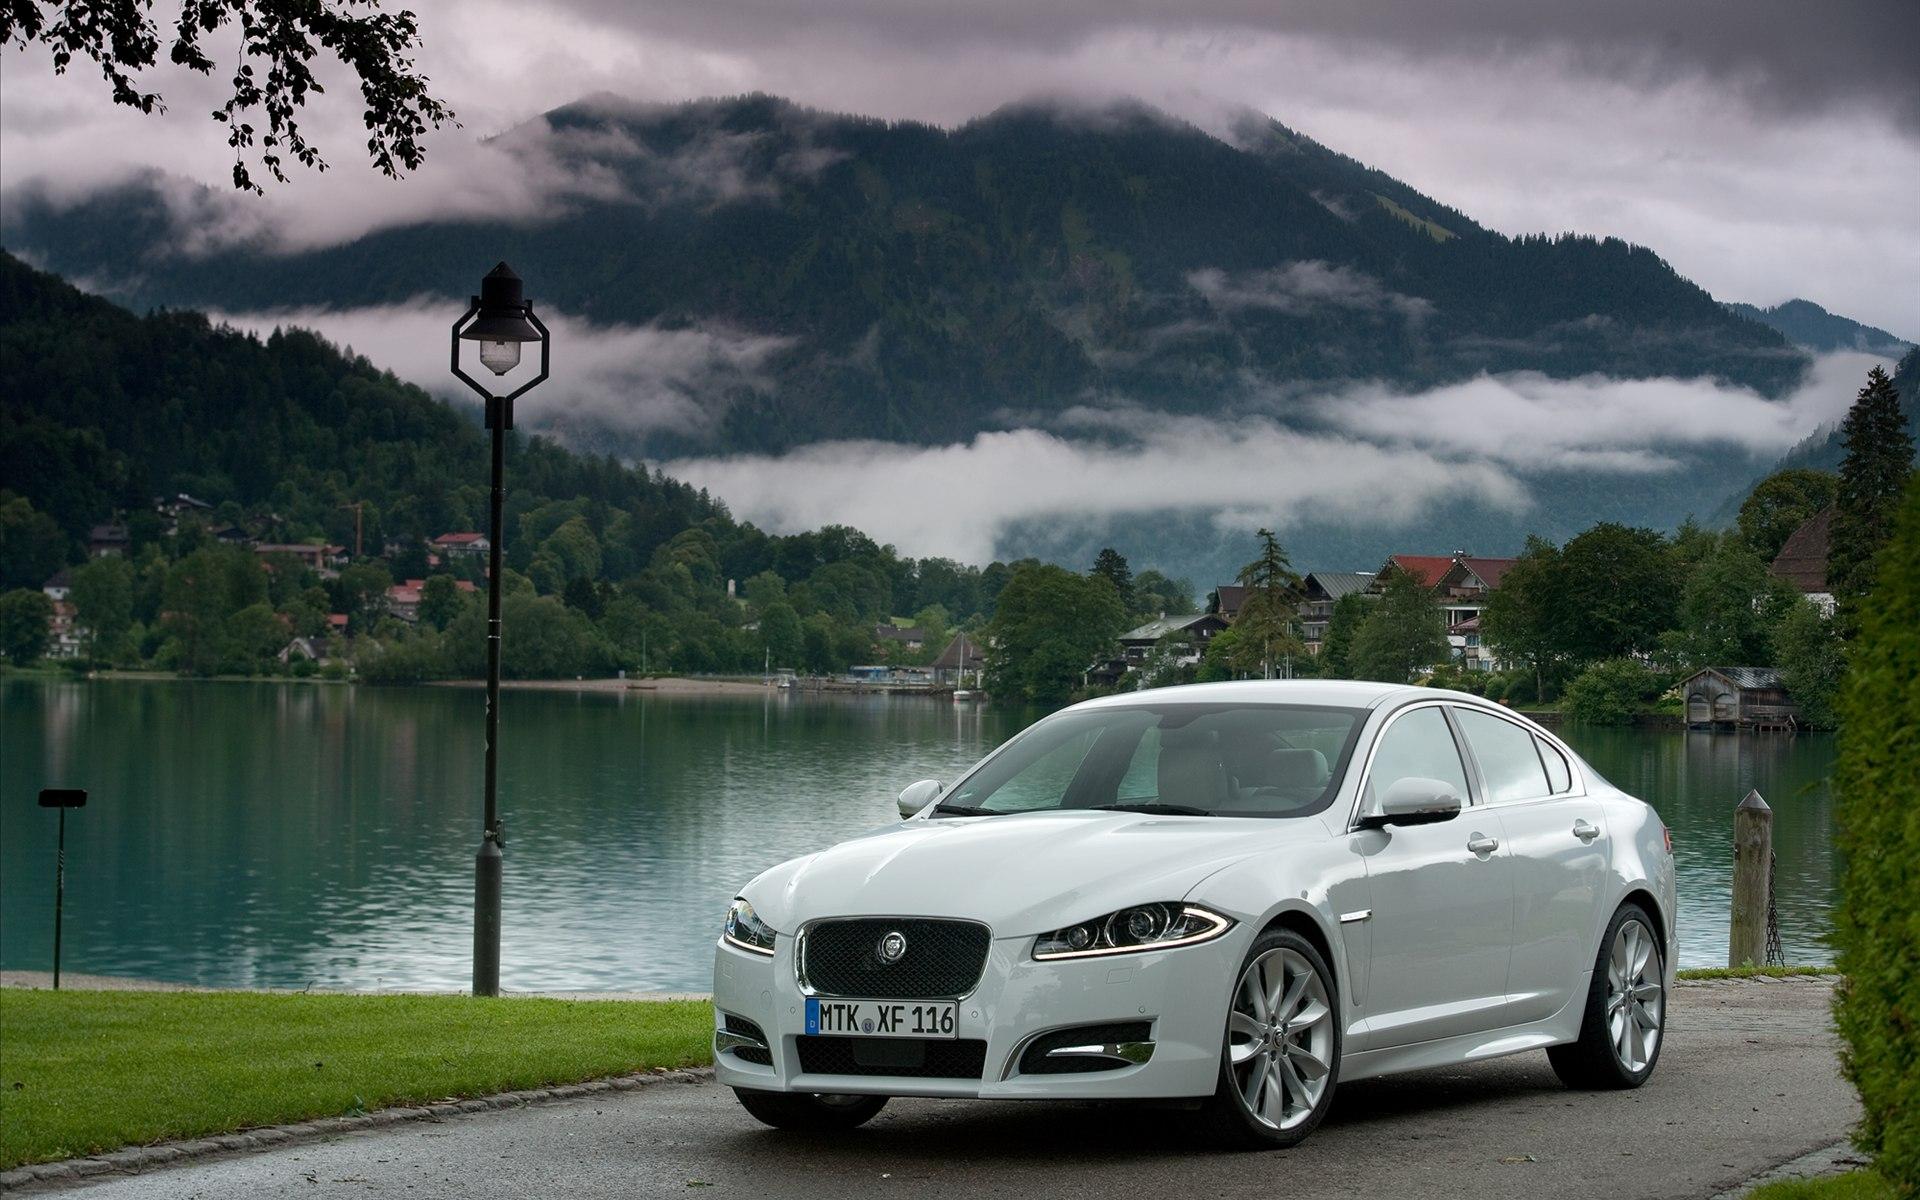 Hd wallpaper jaguar - Jaguar Xj Gray Hd Desktop Wallpaper Mobile Dual Monitor